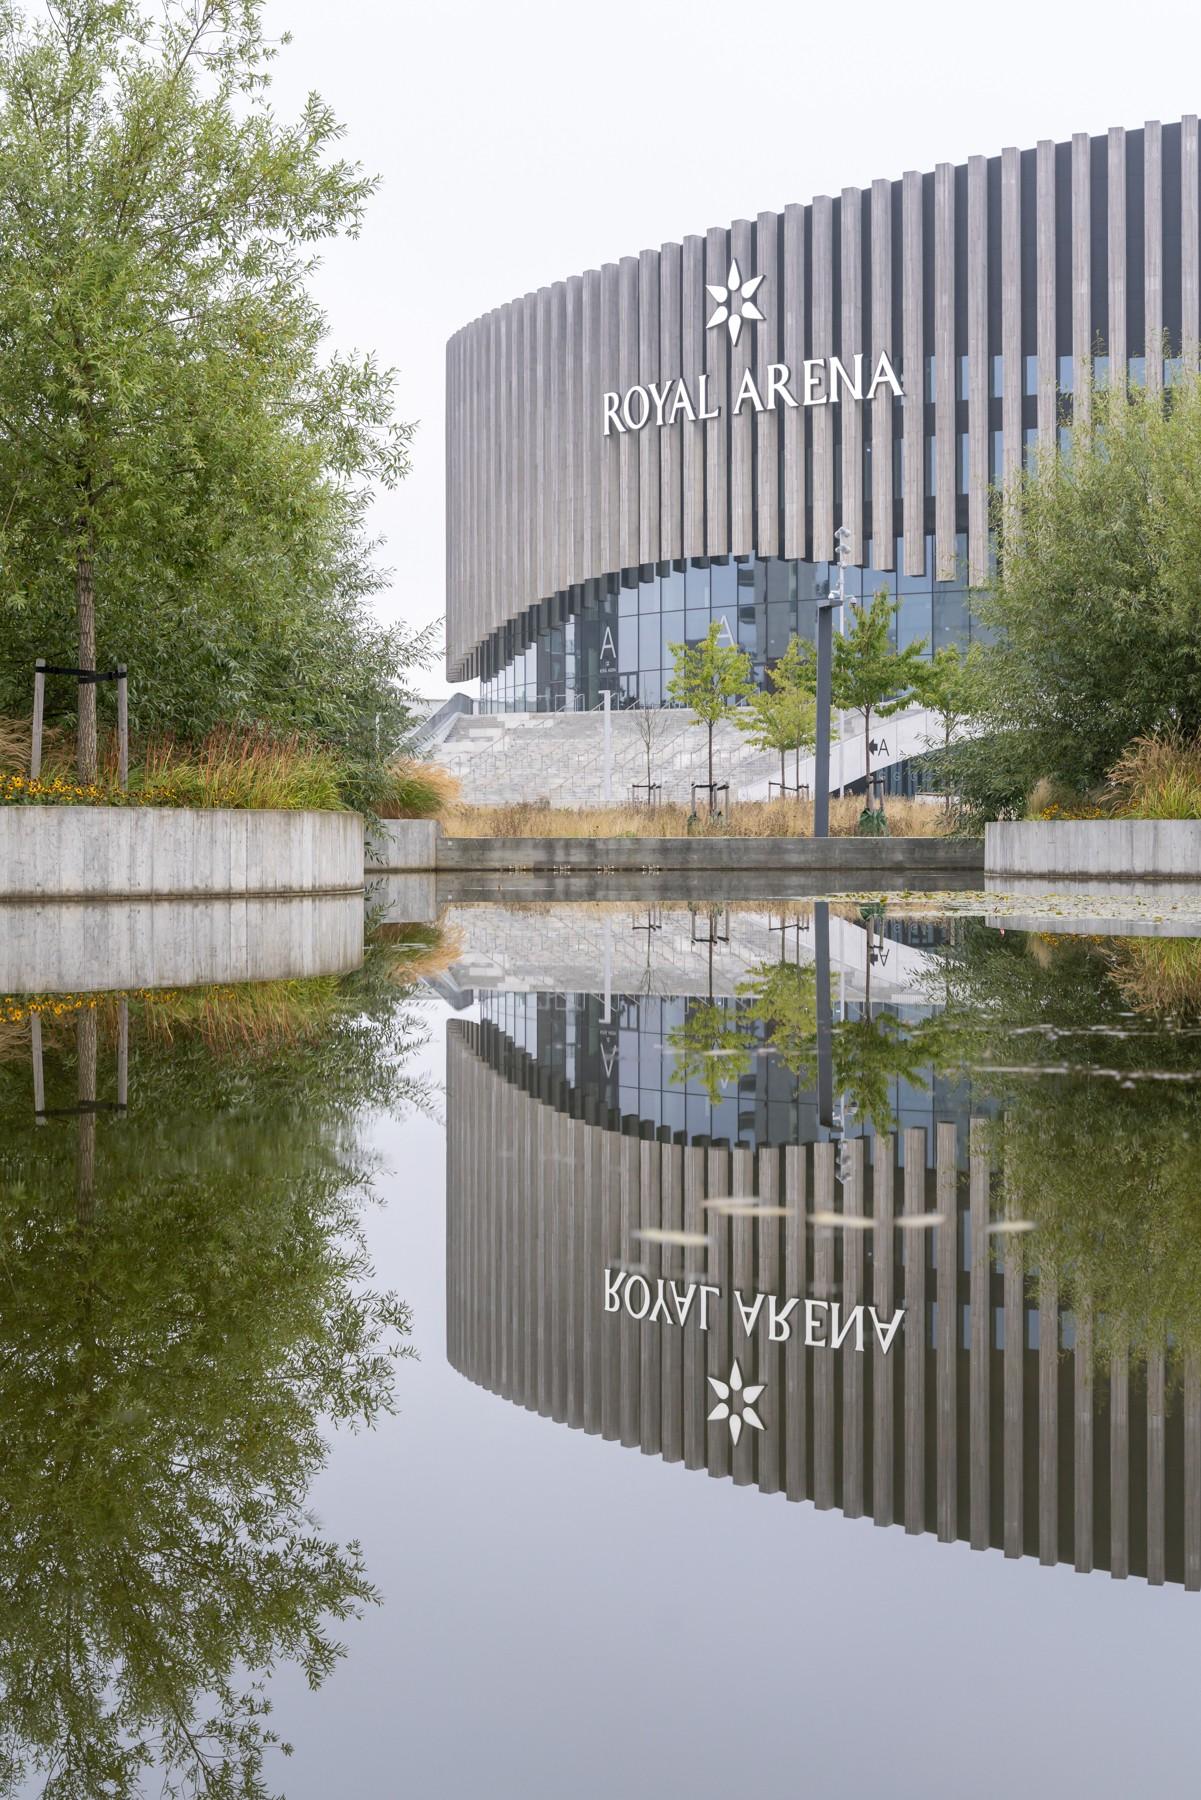 Royal Arena spejlet i et vandbassin